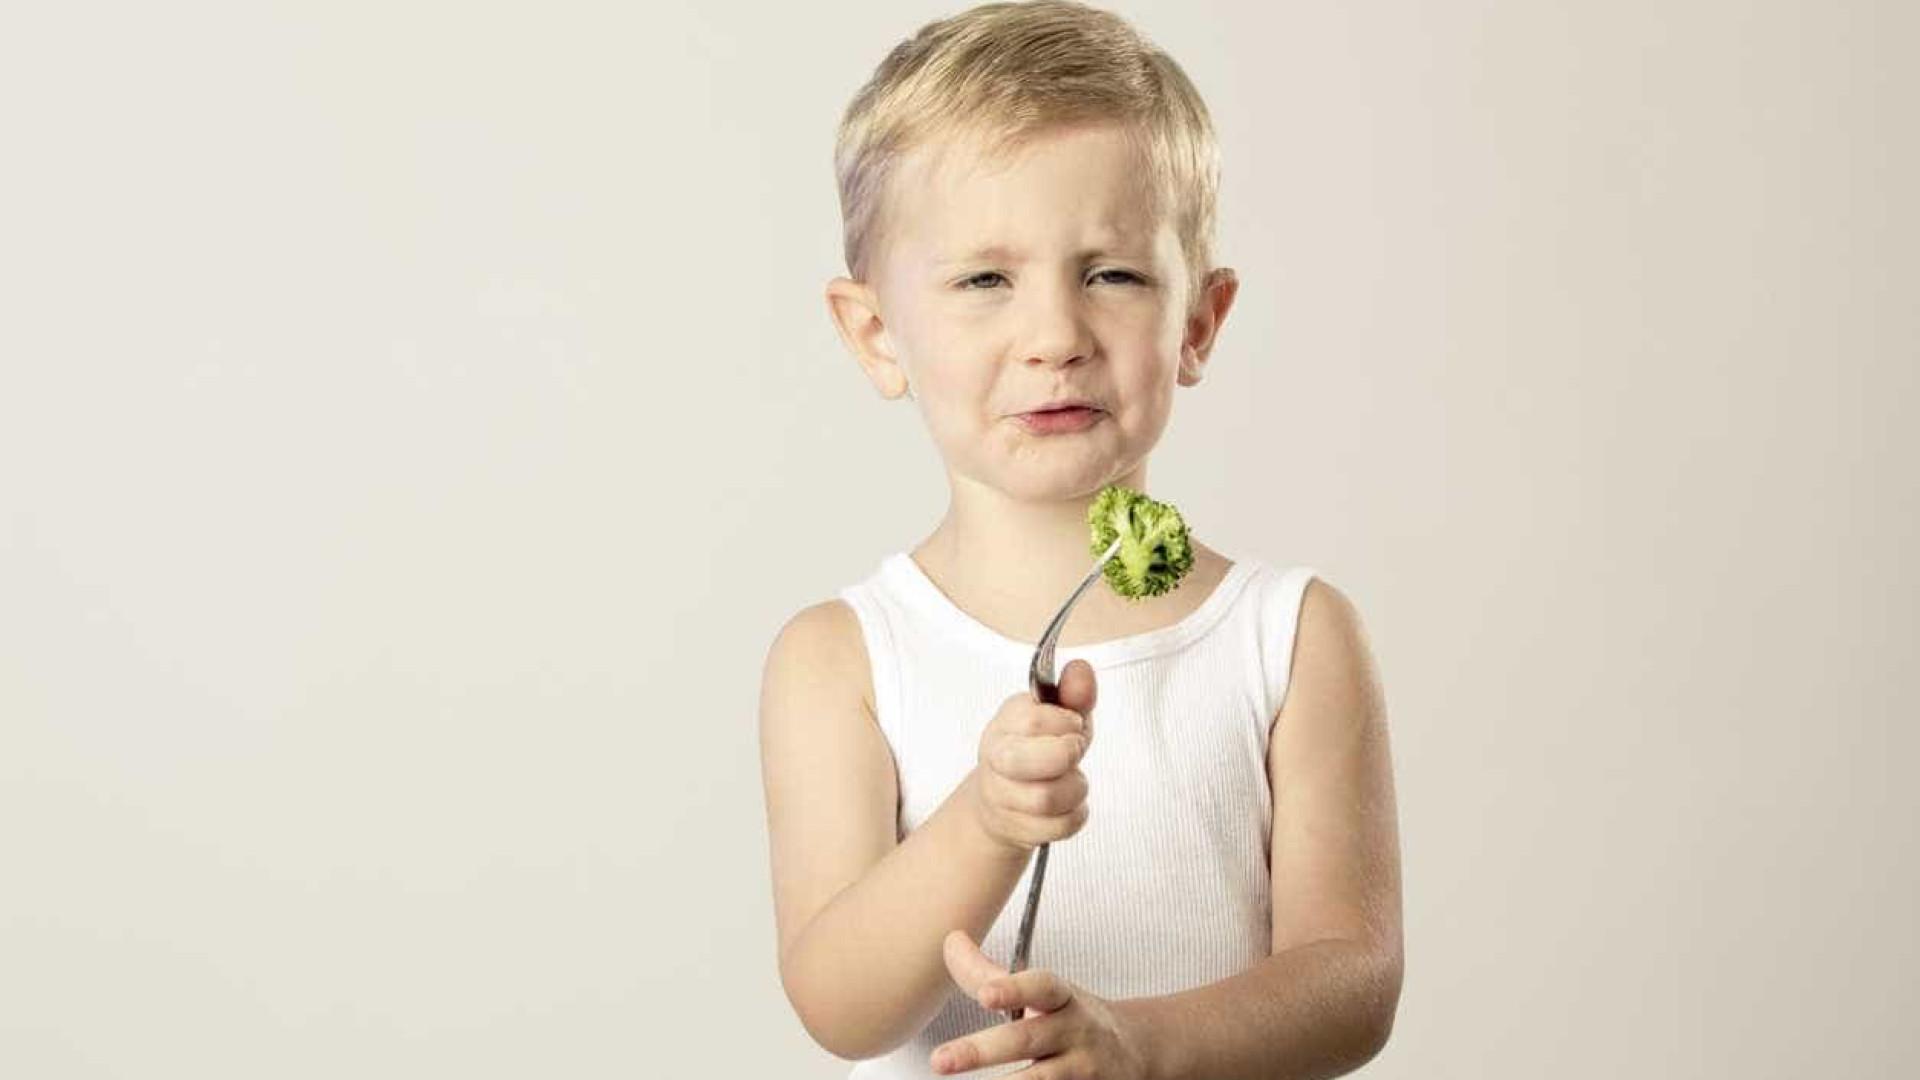 Comer sem birras. As 'regras de ouro para preparar uma boa boca'